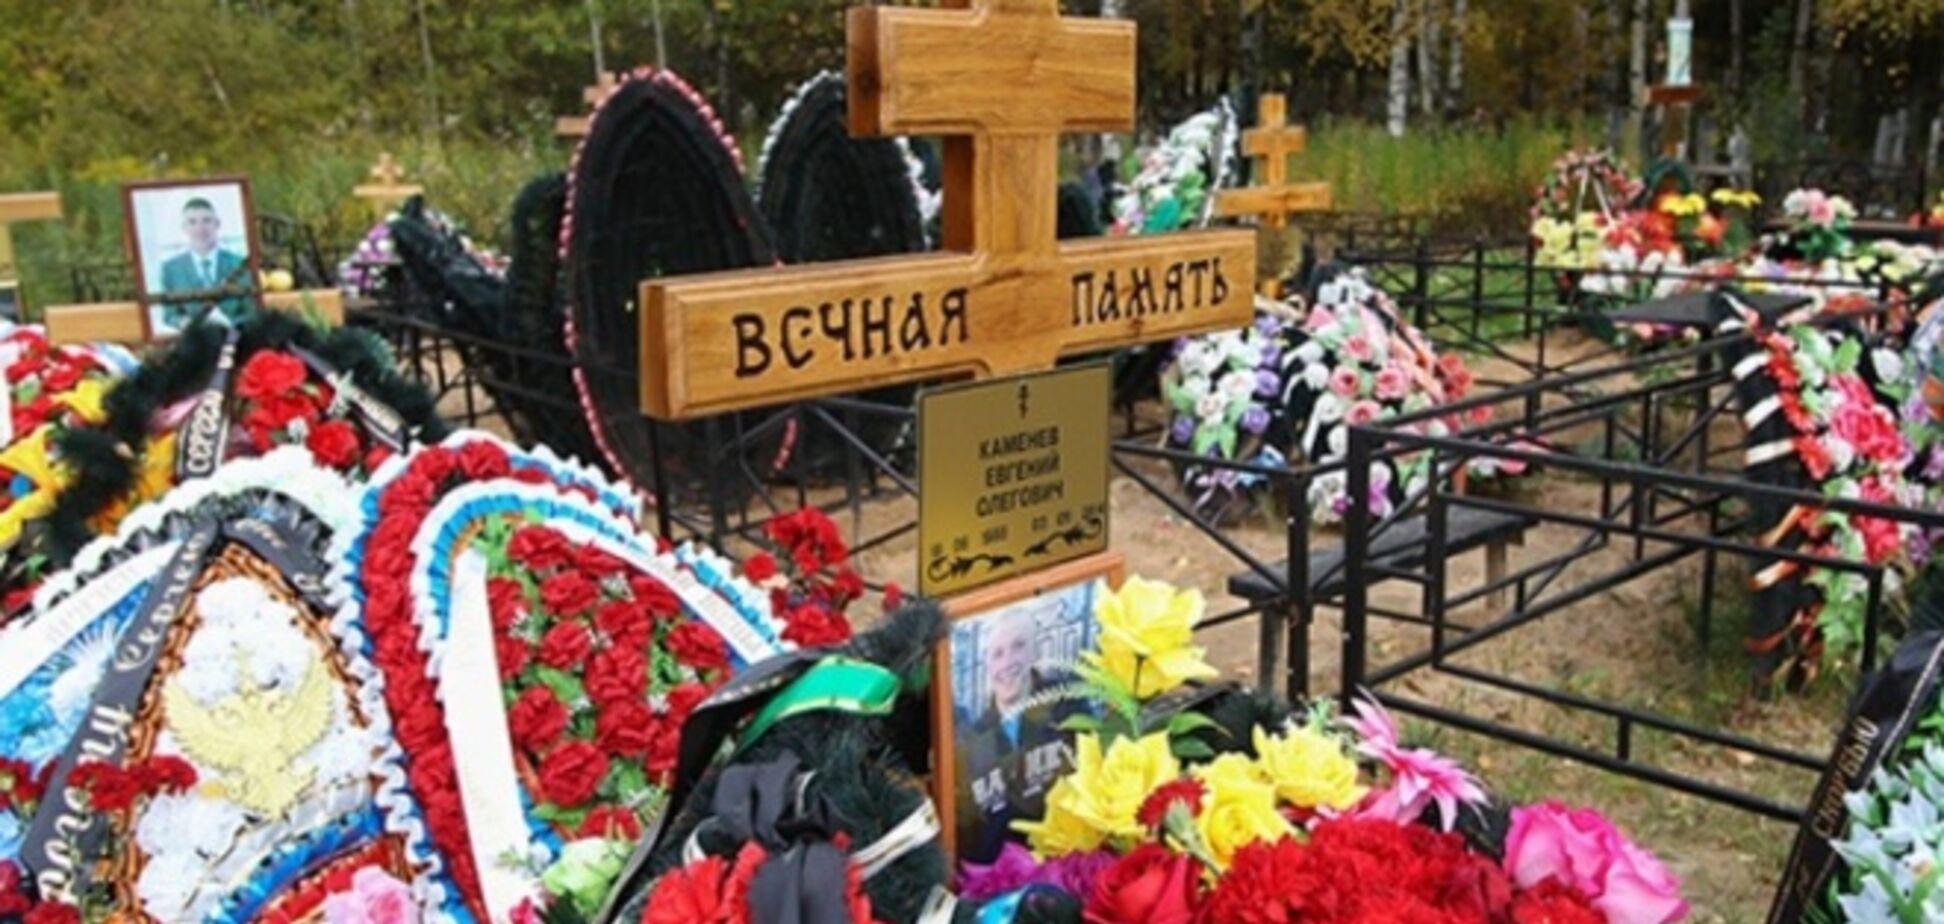 Шойгу и Путина в Сибирь за такую 'работу' - мать погибшего в Украине российского военного